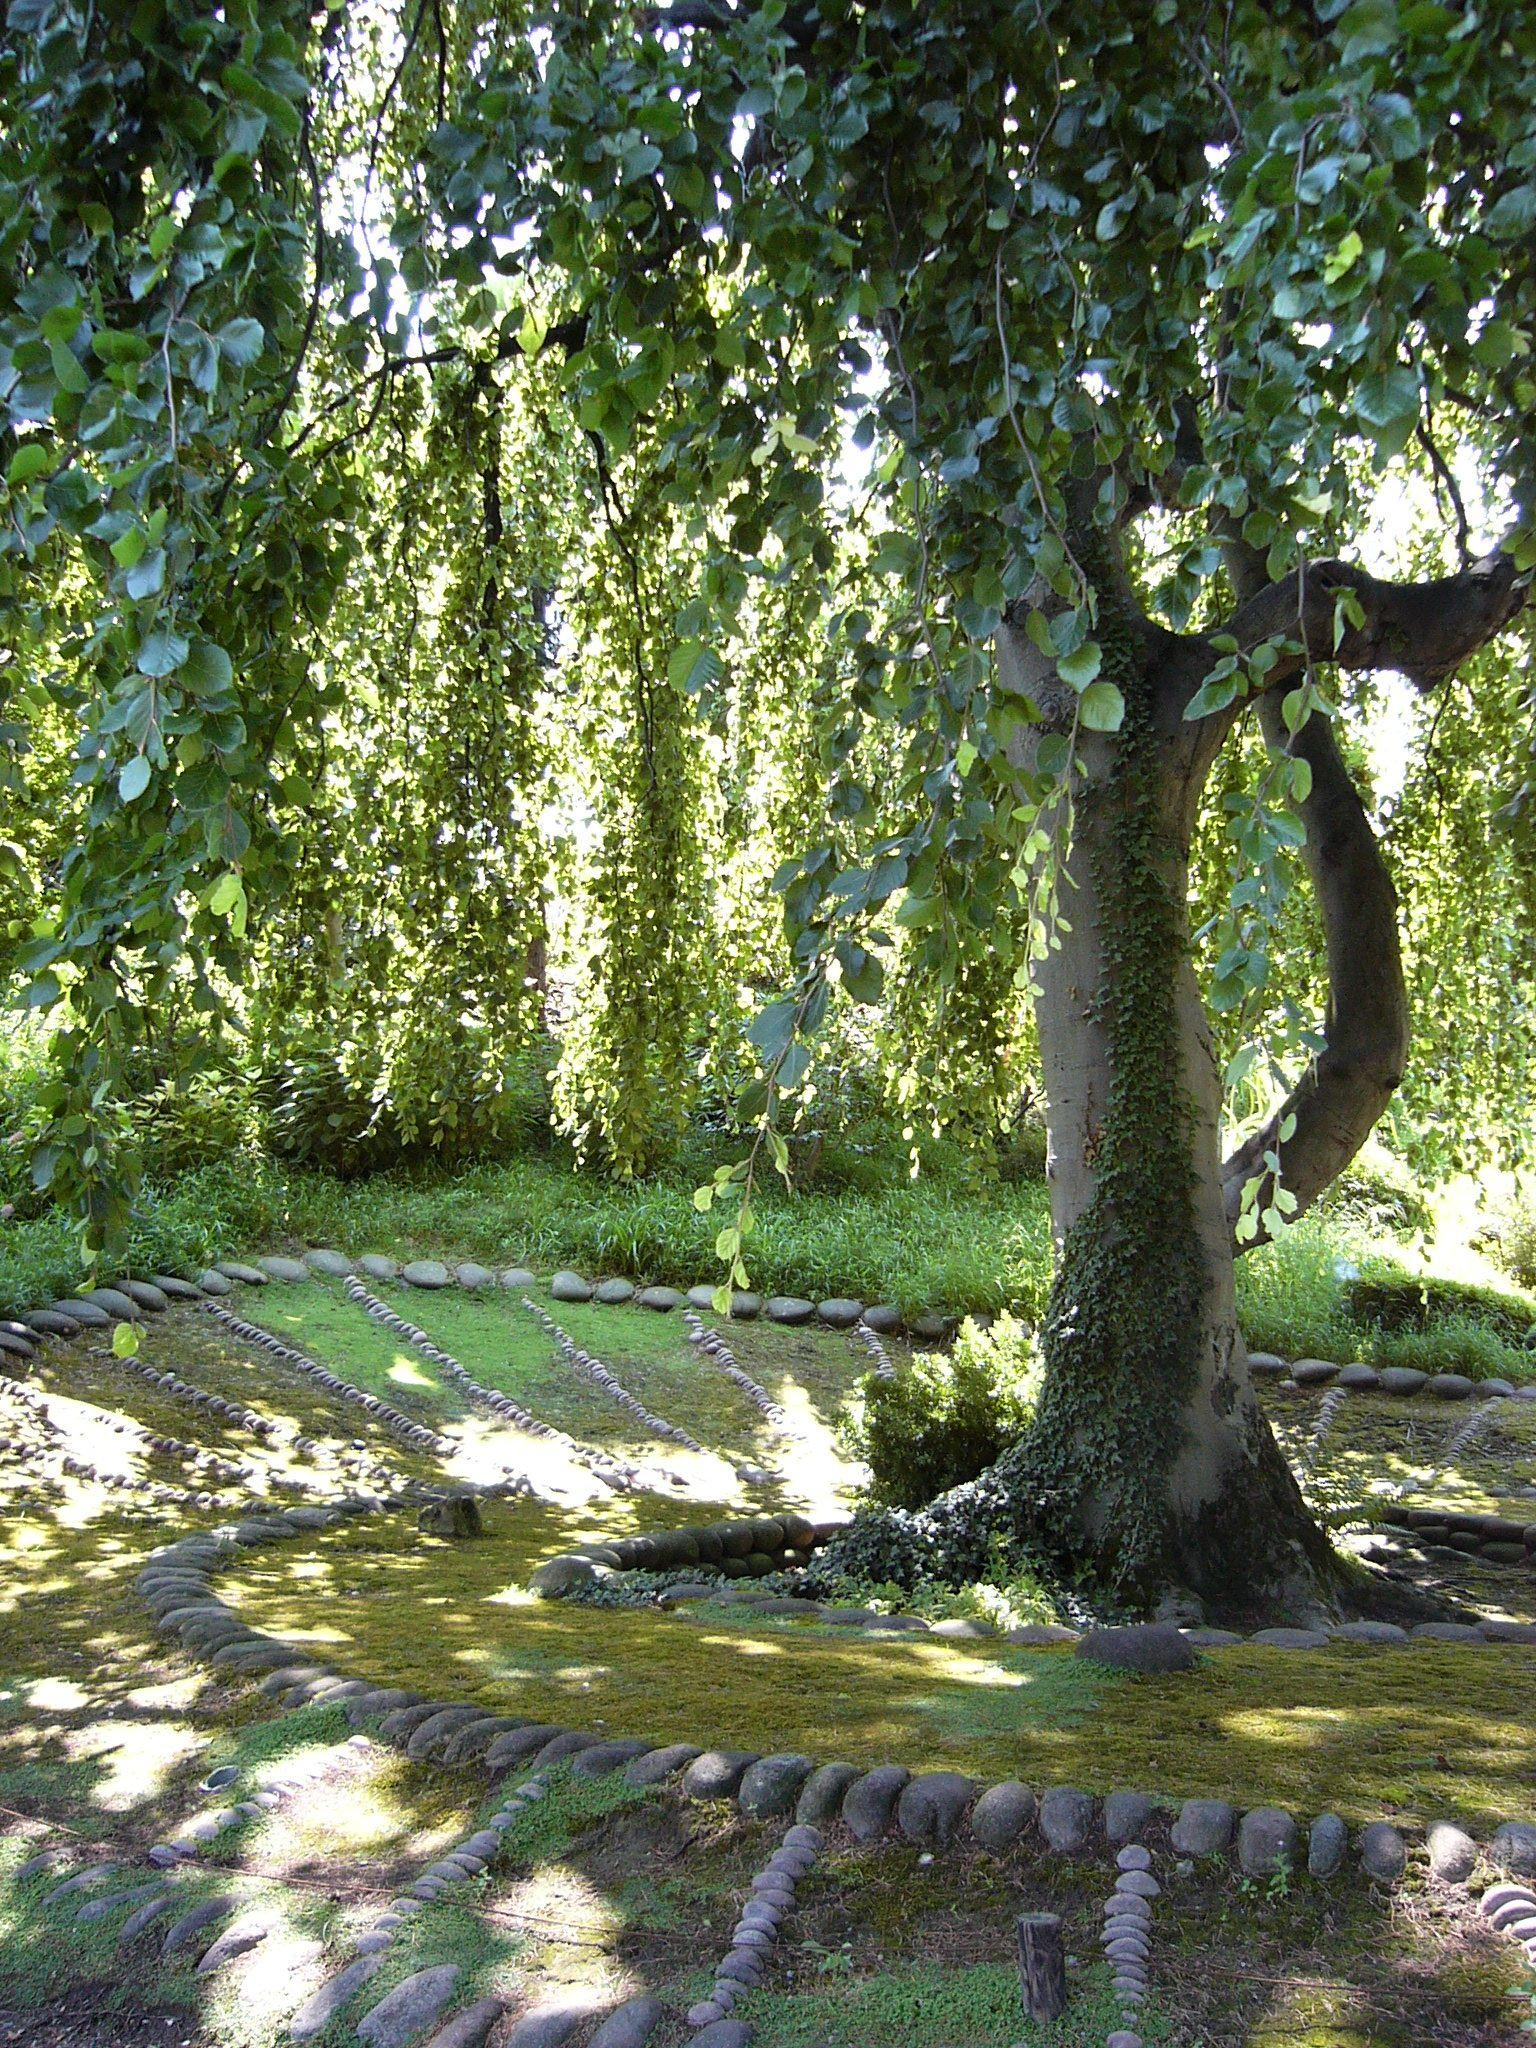 Jardin albert khan boulogne billancourt jardins - Jardin japonais boulogne billancourt ...